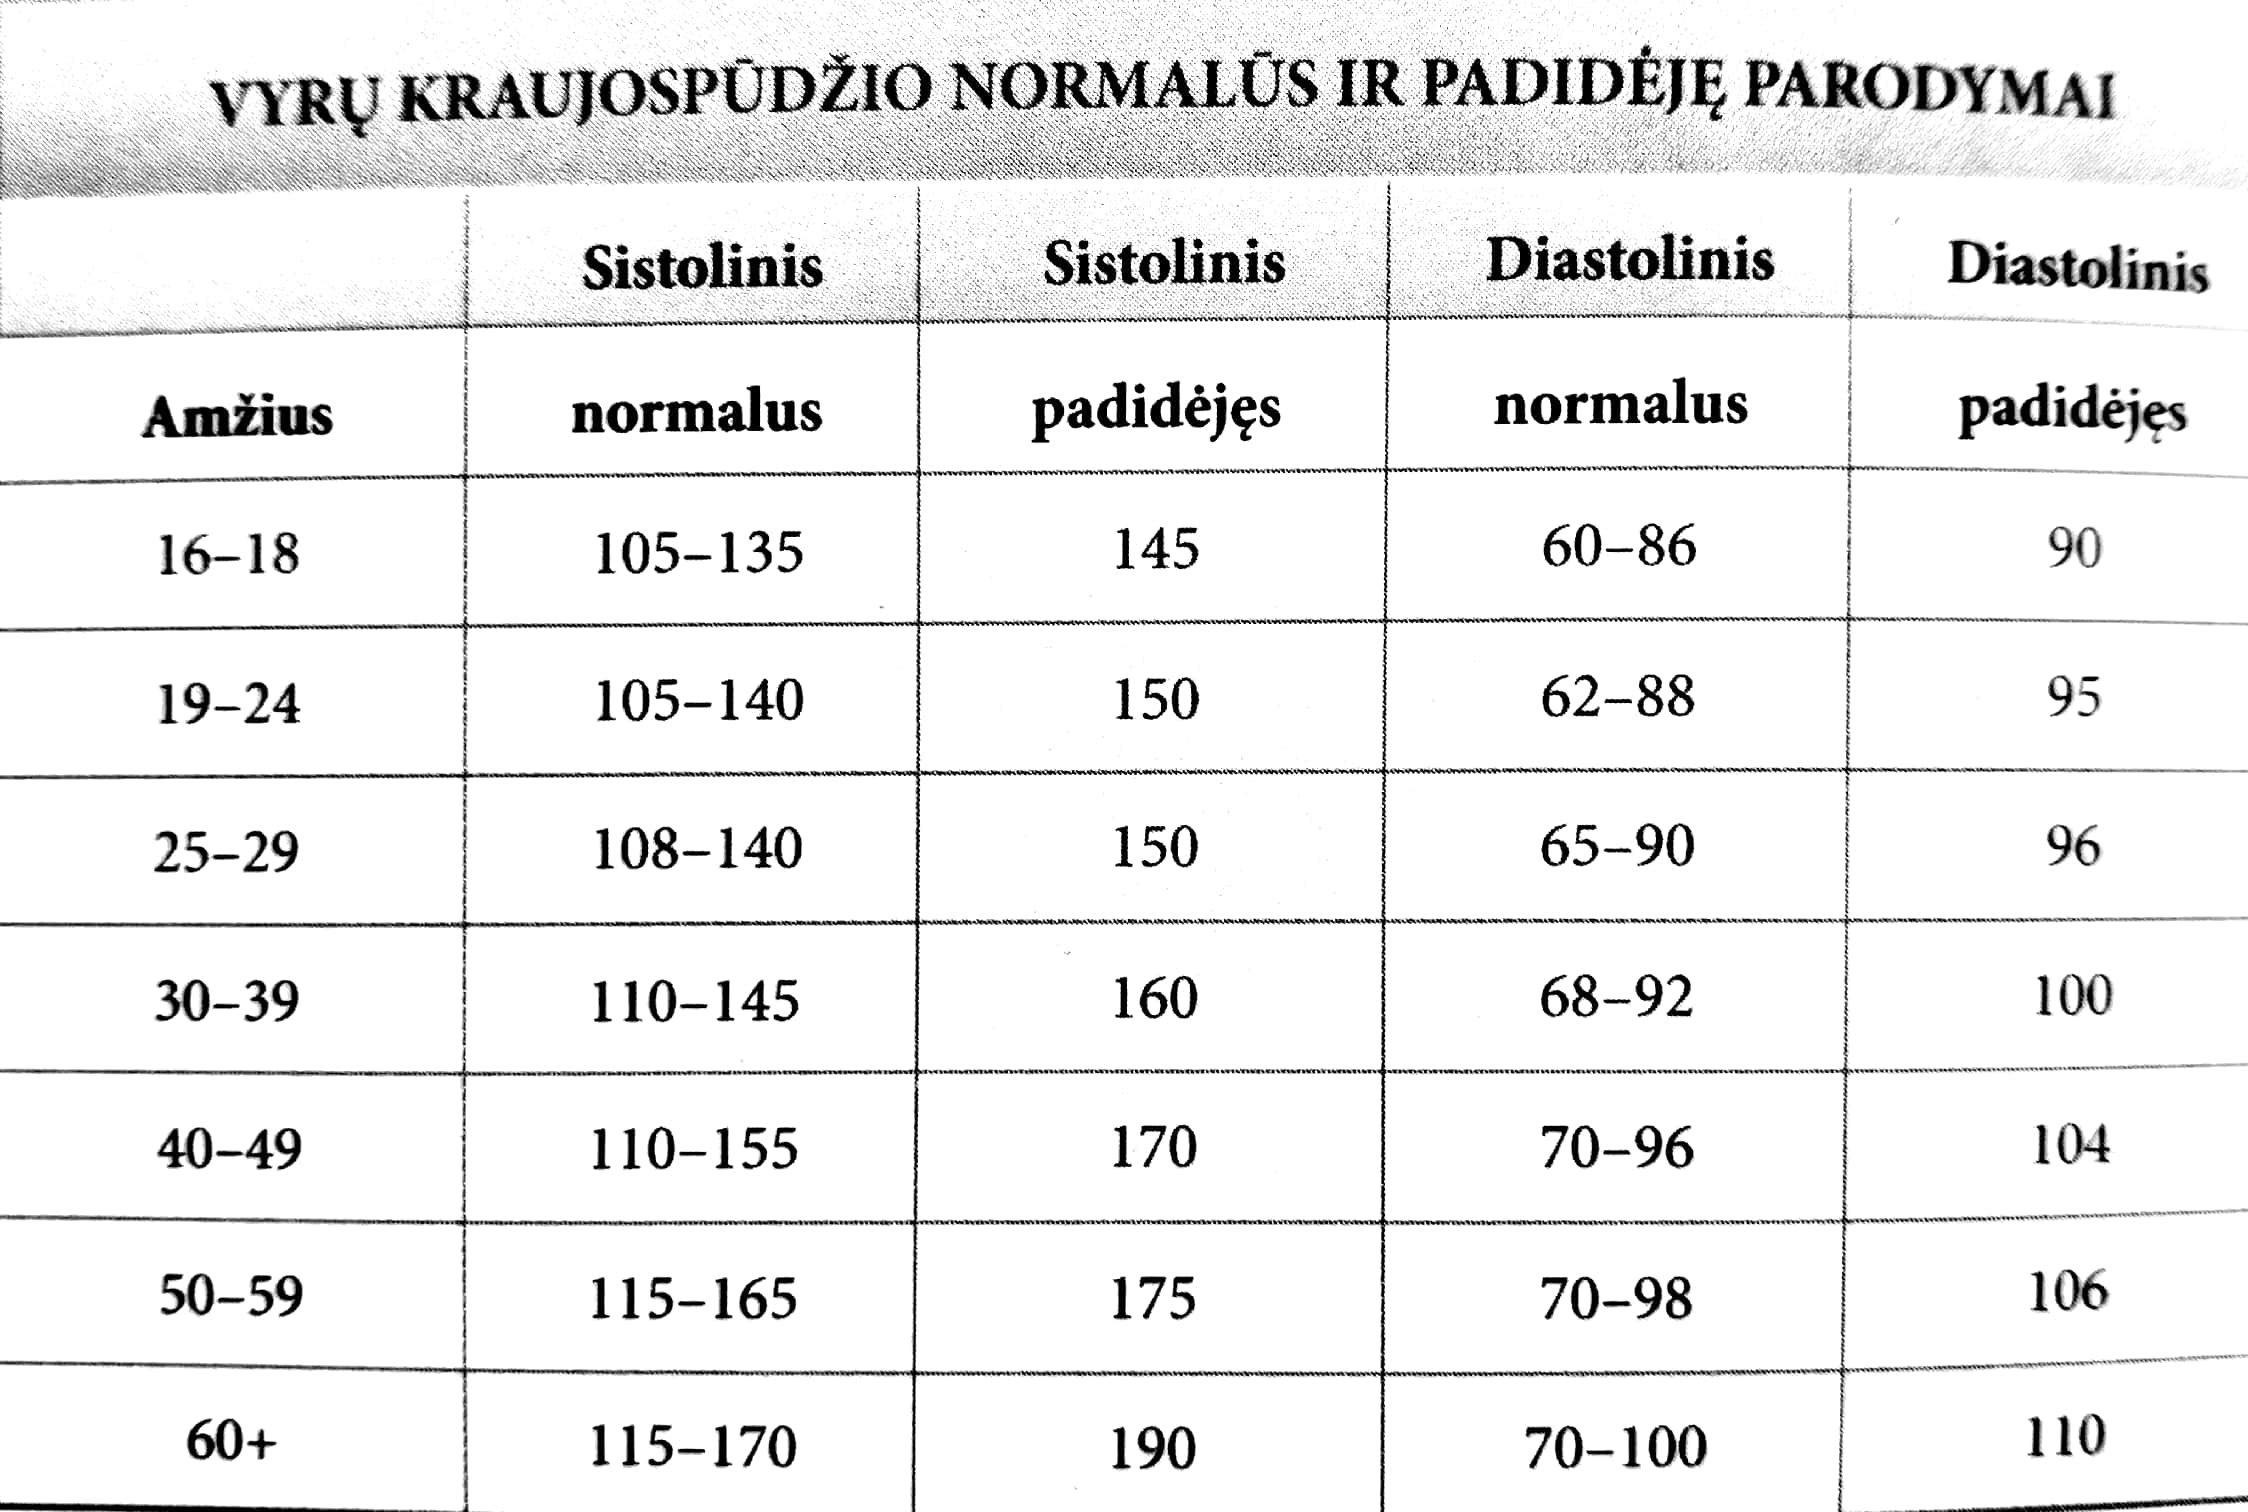 vaistai pagyvenusiems žmonėms nuo hipertenzijos)